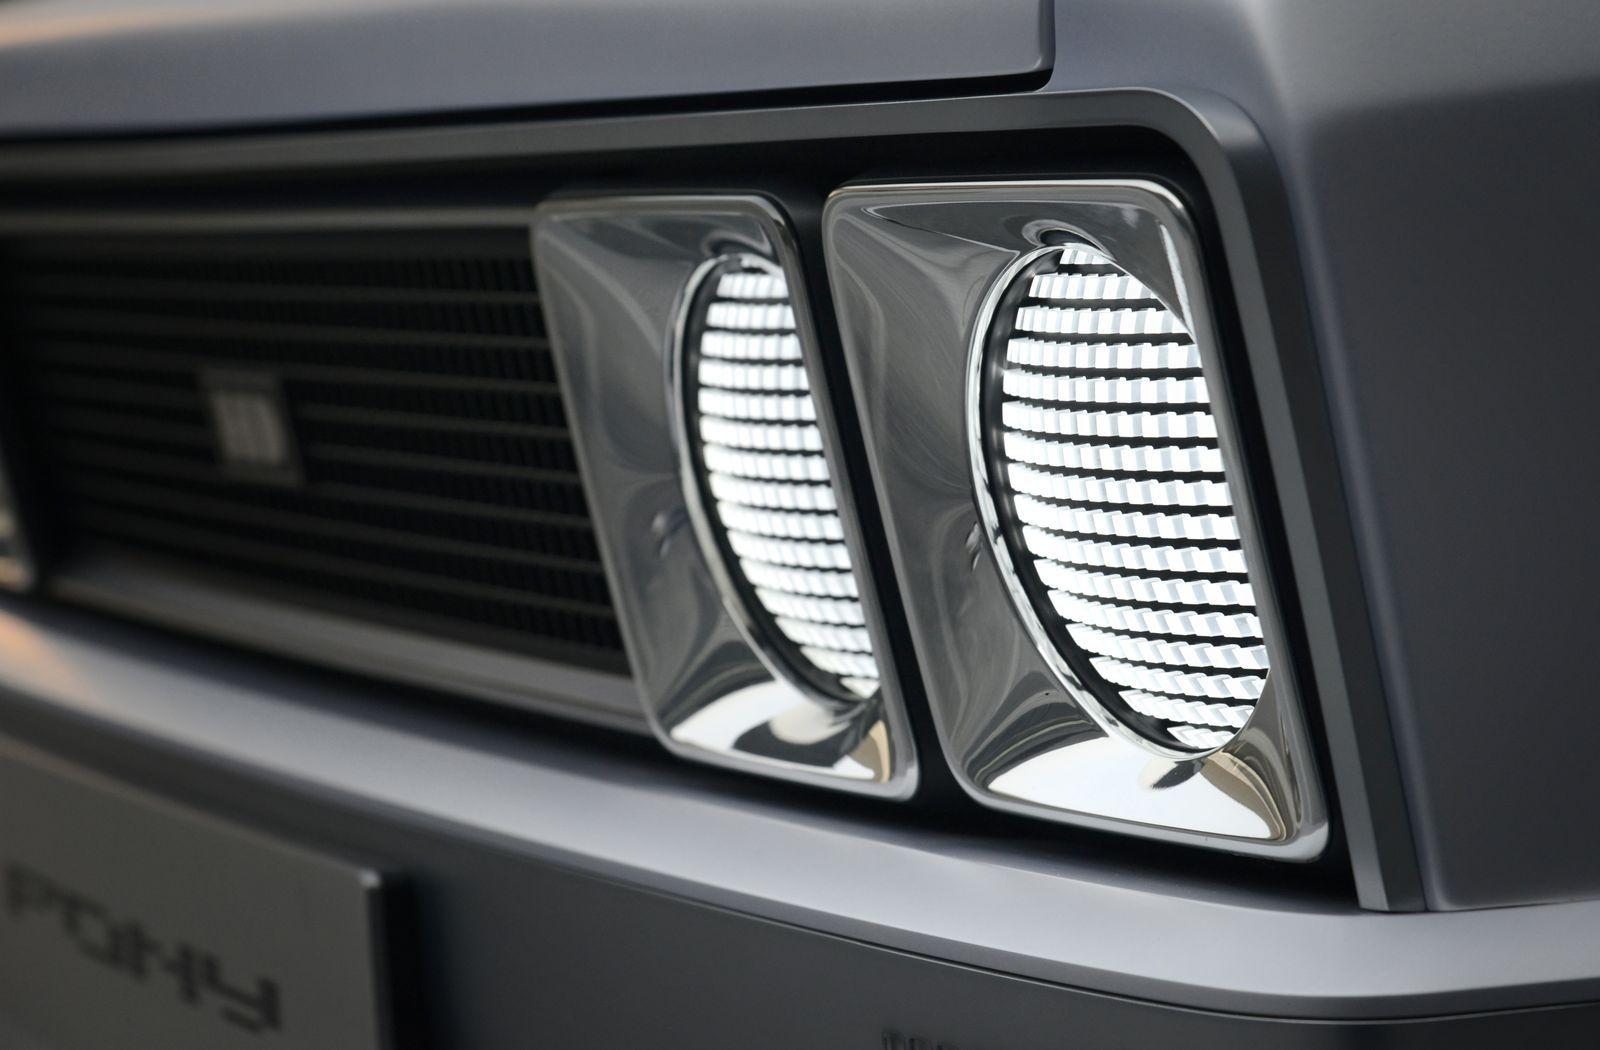 HyundaiPony_2021_AutoRok_16